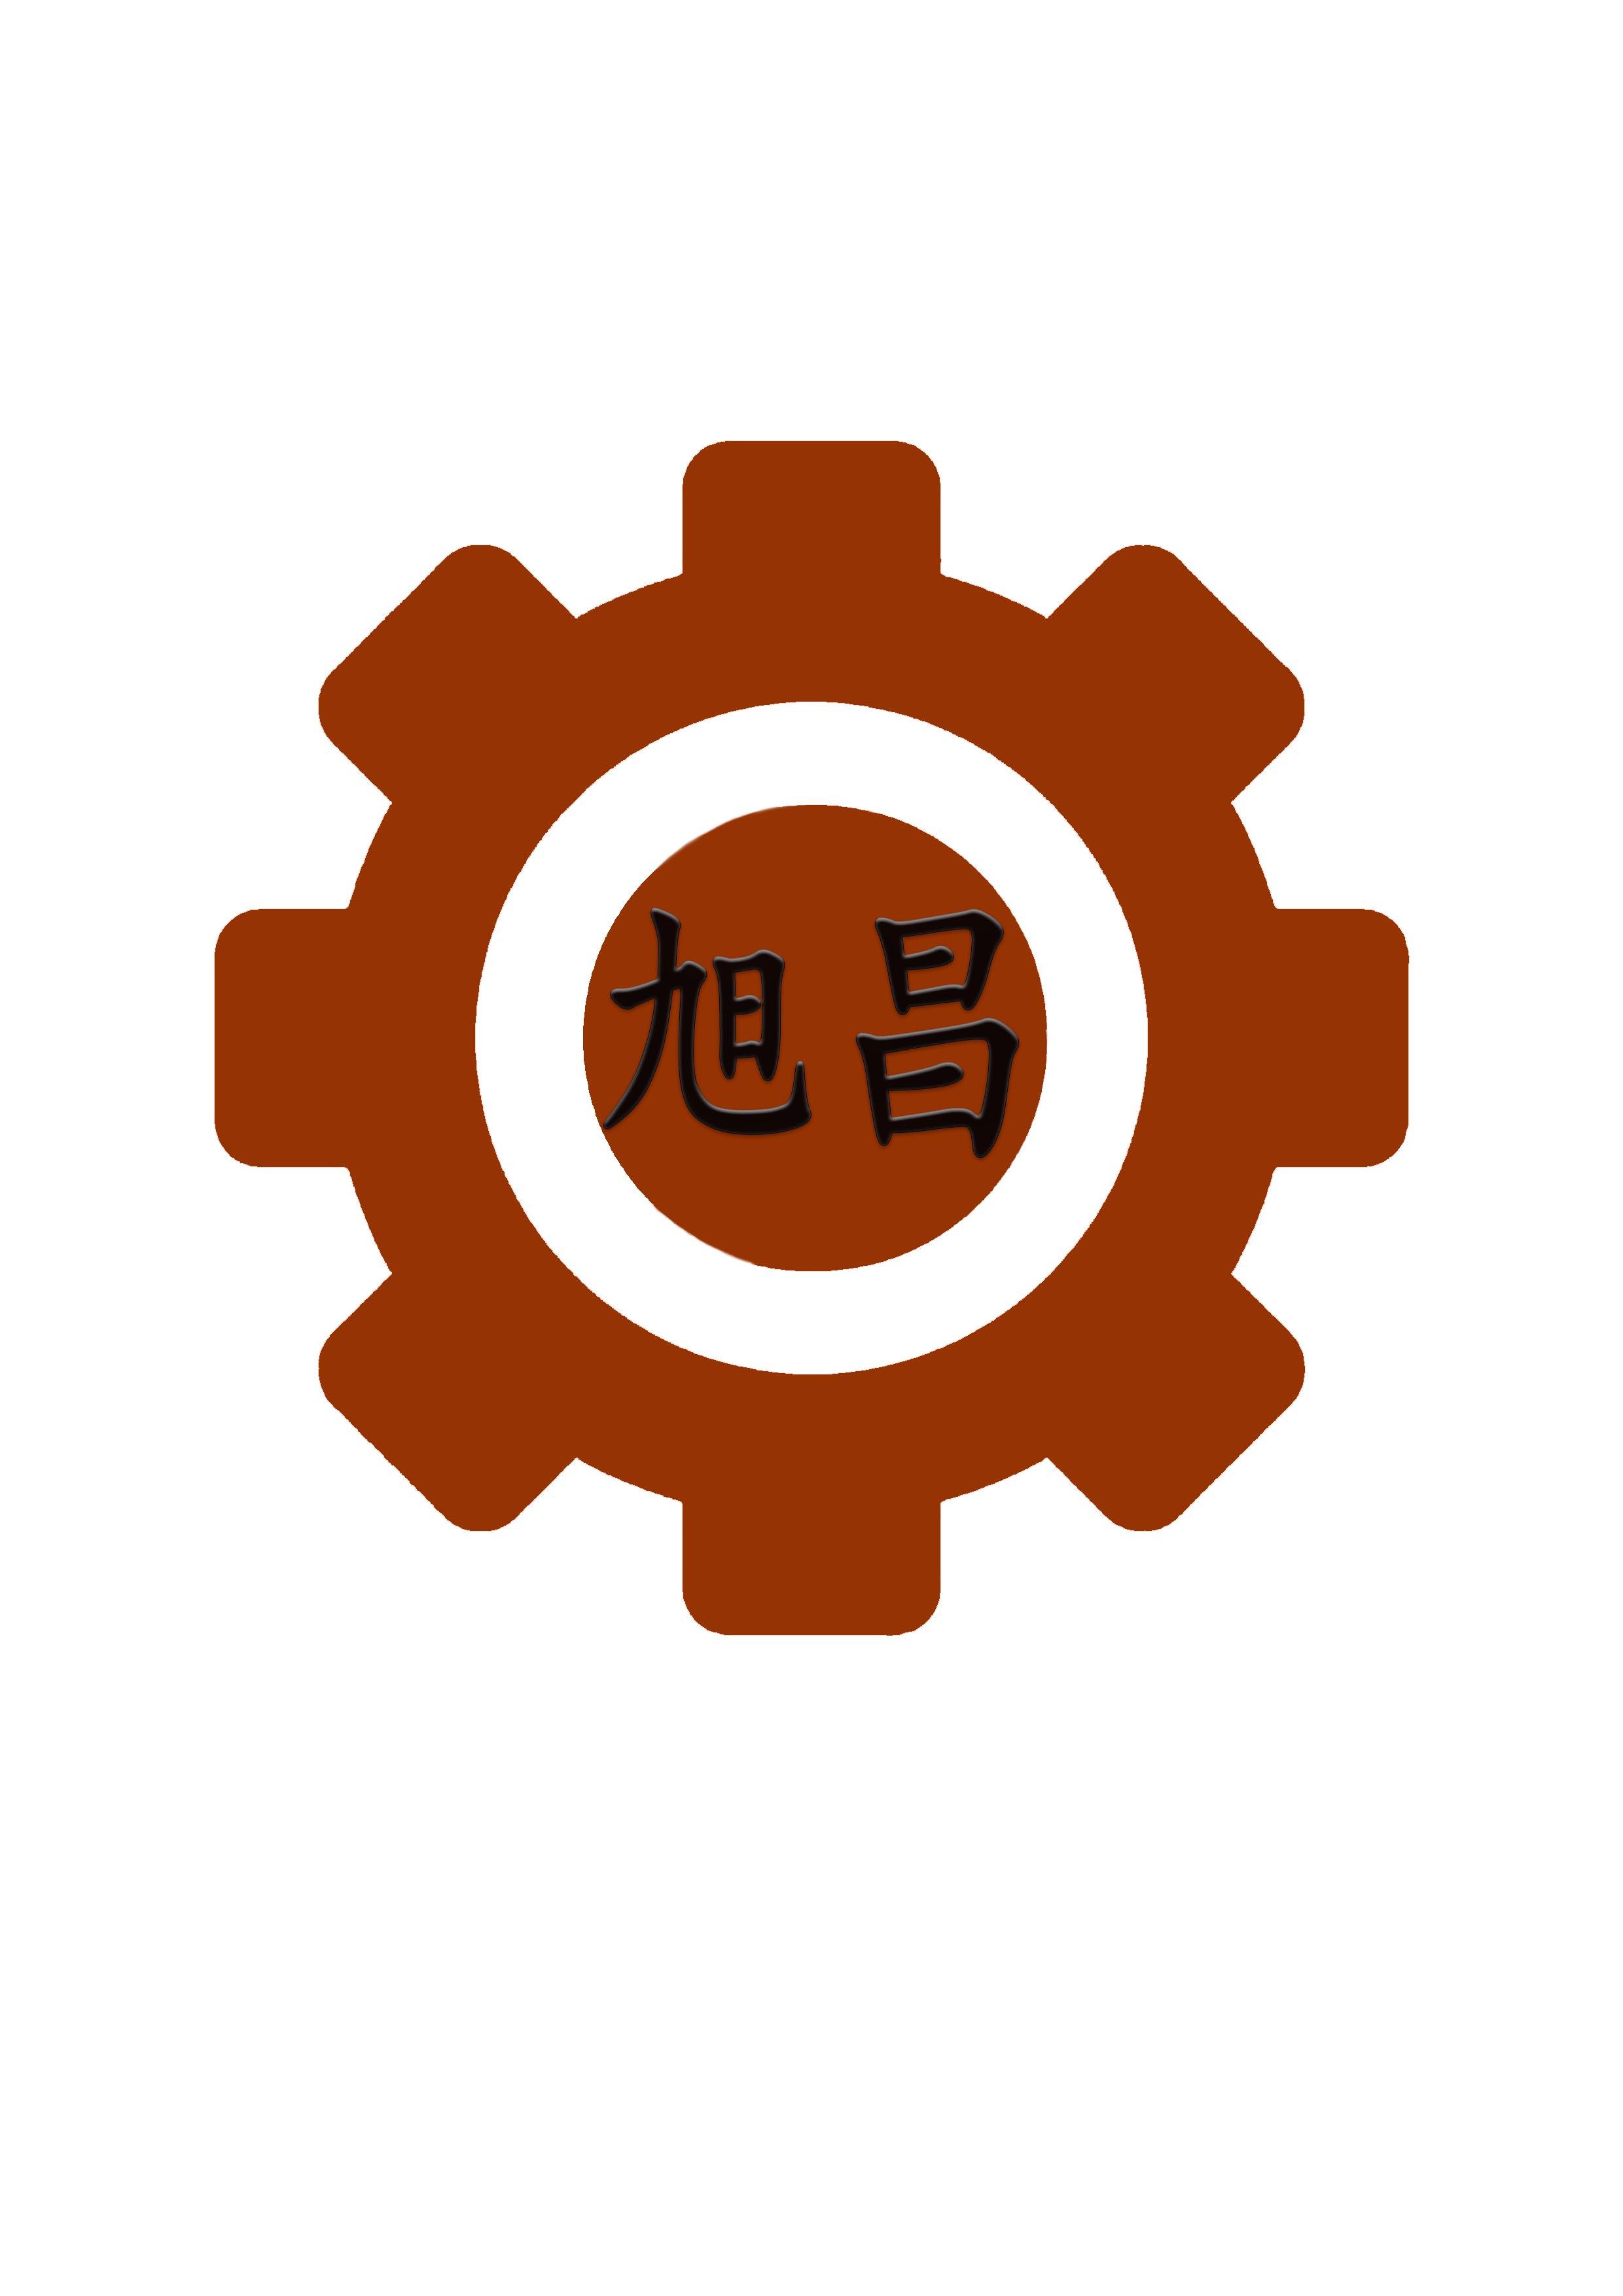 溫嶺市旭昌機械配件廠